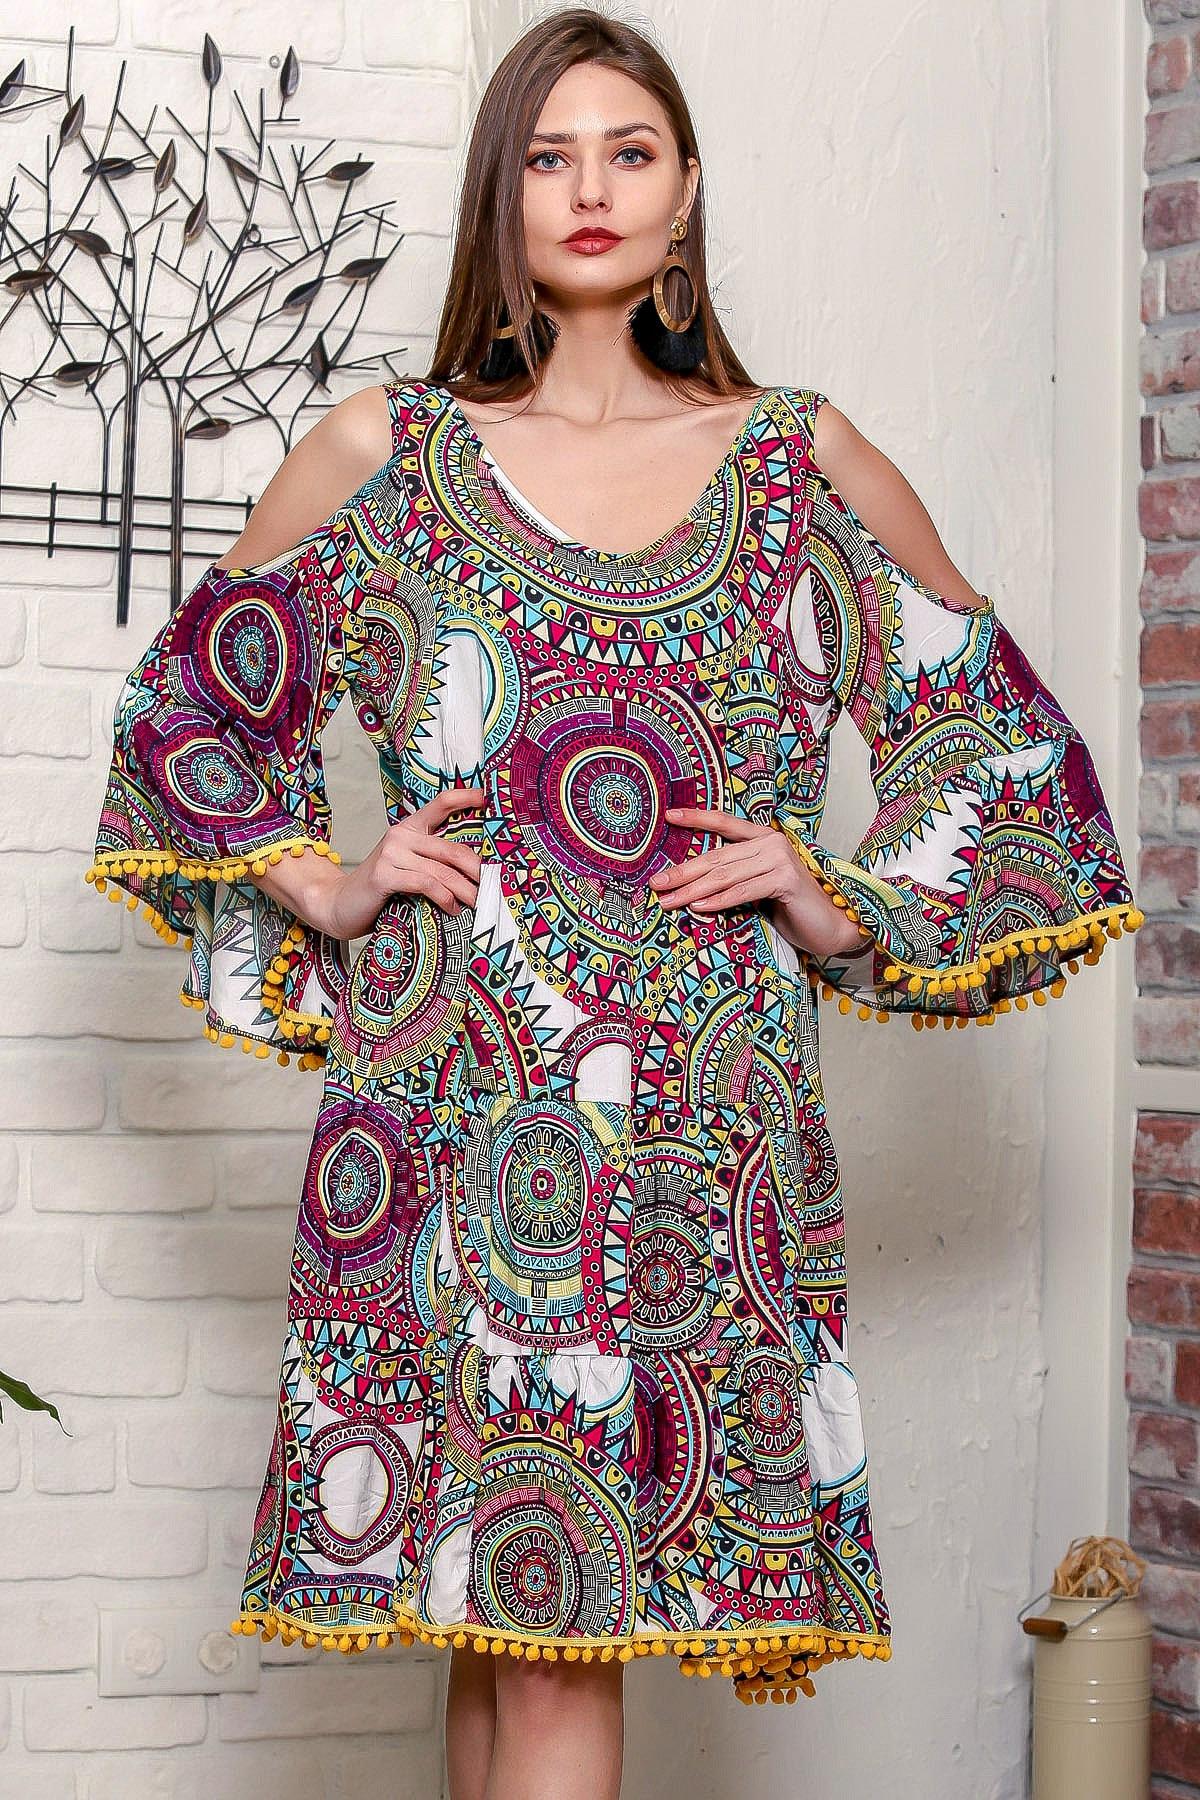 Chiccy Kadın Yeşil Omuzları Pencereli Geometrik Desen Kolları Volanlı Ponponlu Salaş Elbise 1